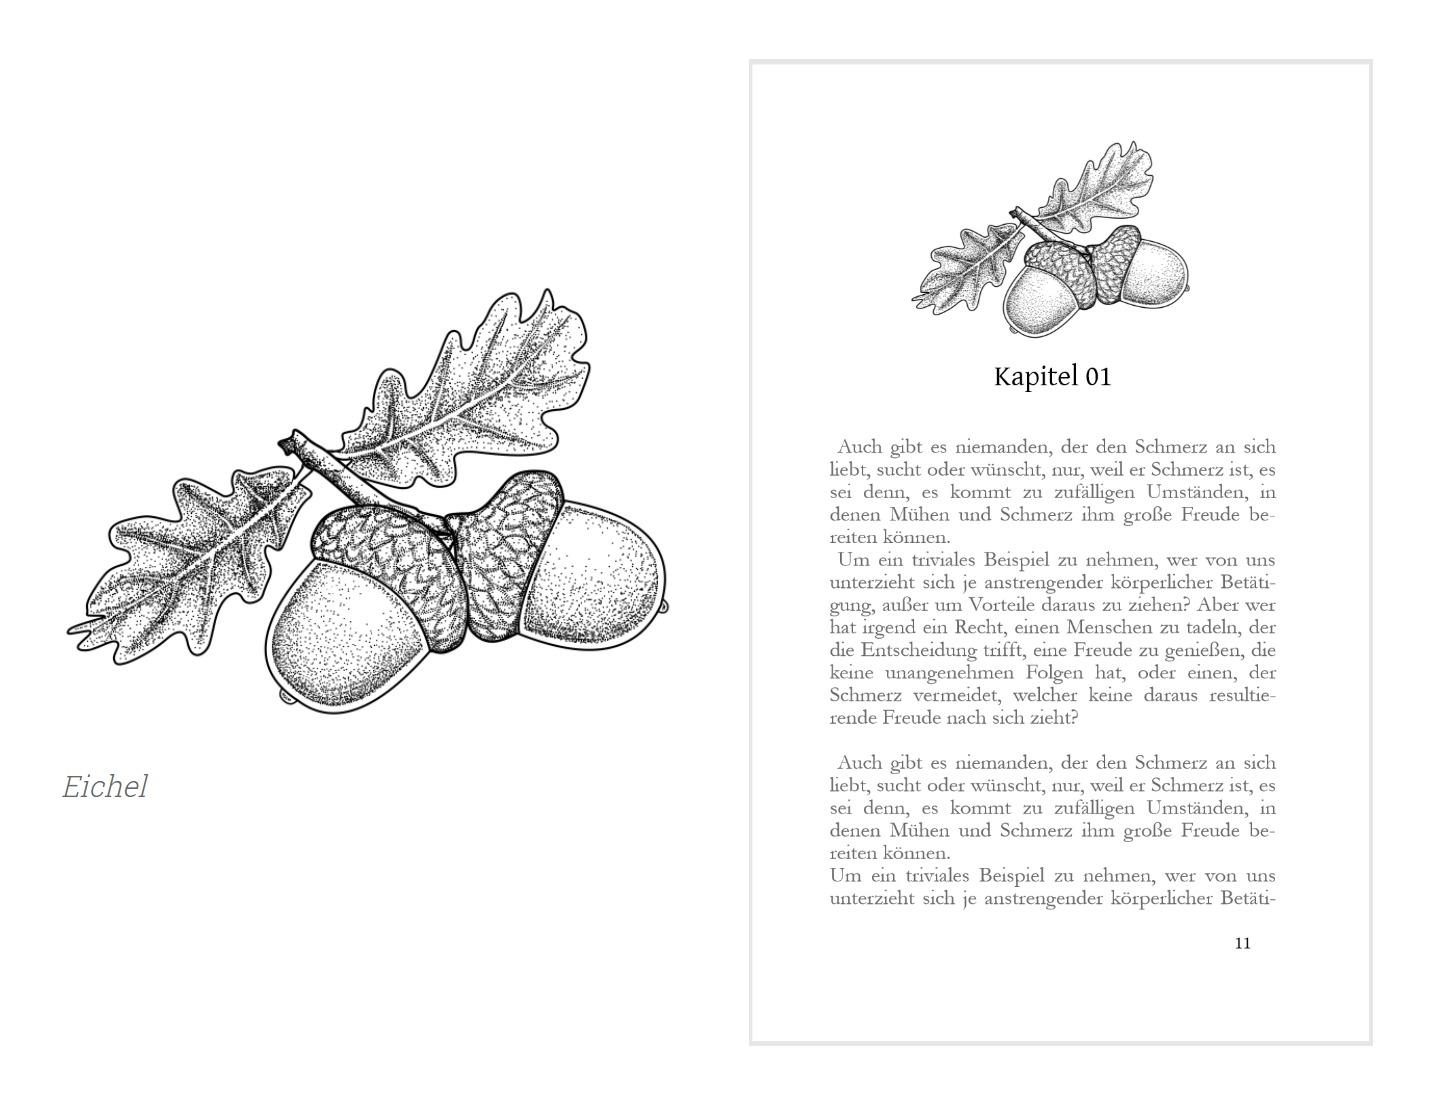 Weiteres Beispiel für Kapitelzierde mit Eicheln von Jonna Enders